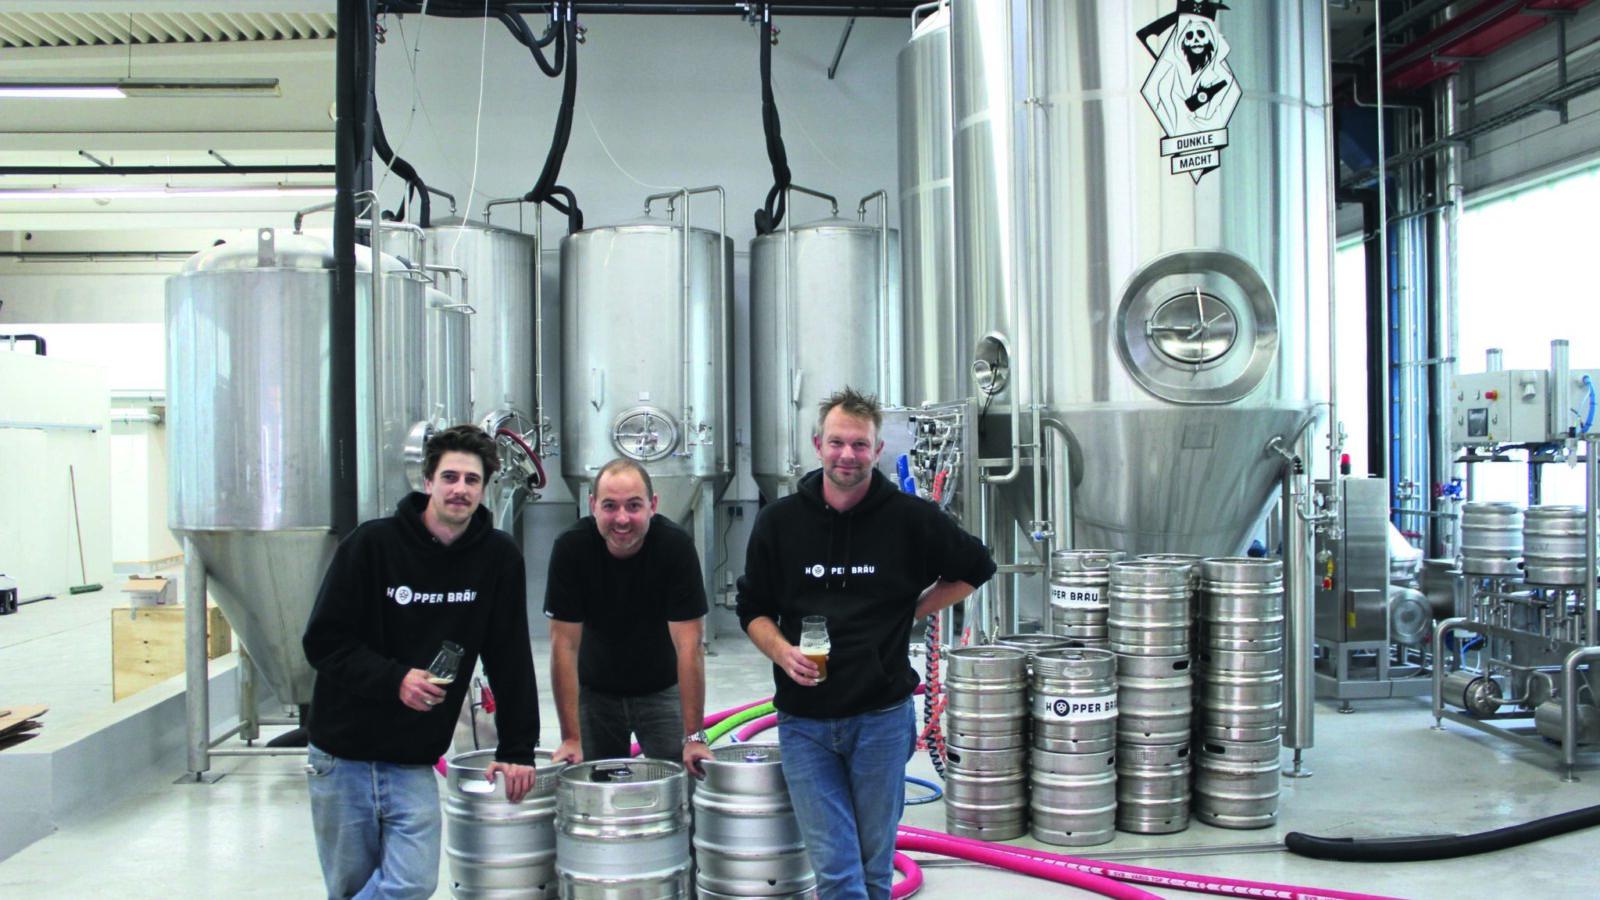 Einzigartige Biere & eine gläserne Brauerei